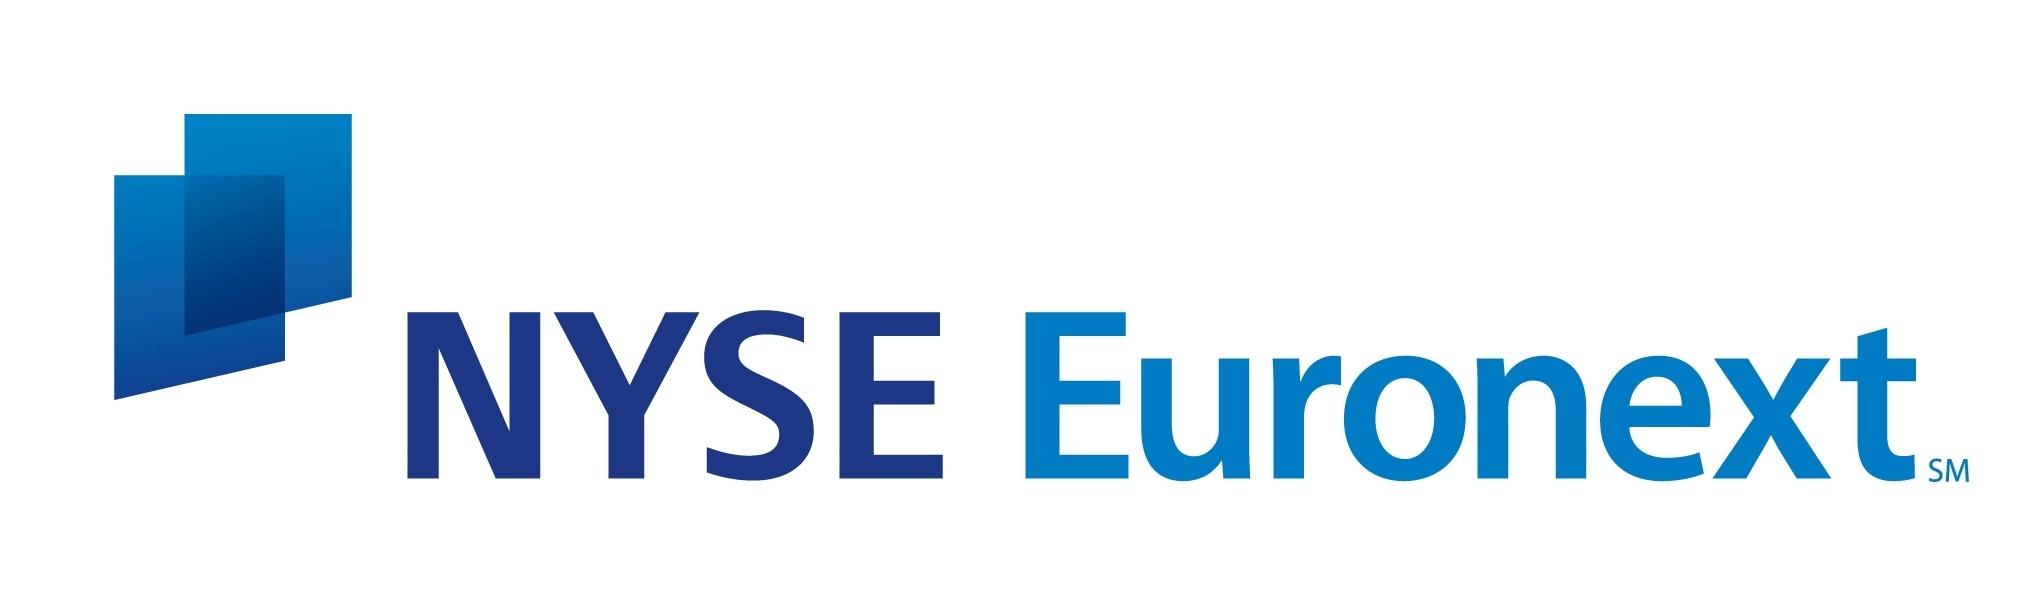 NYSE-Euronext_logo